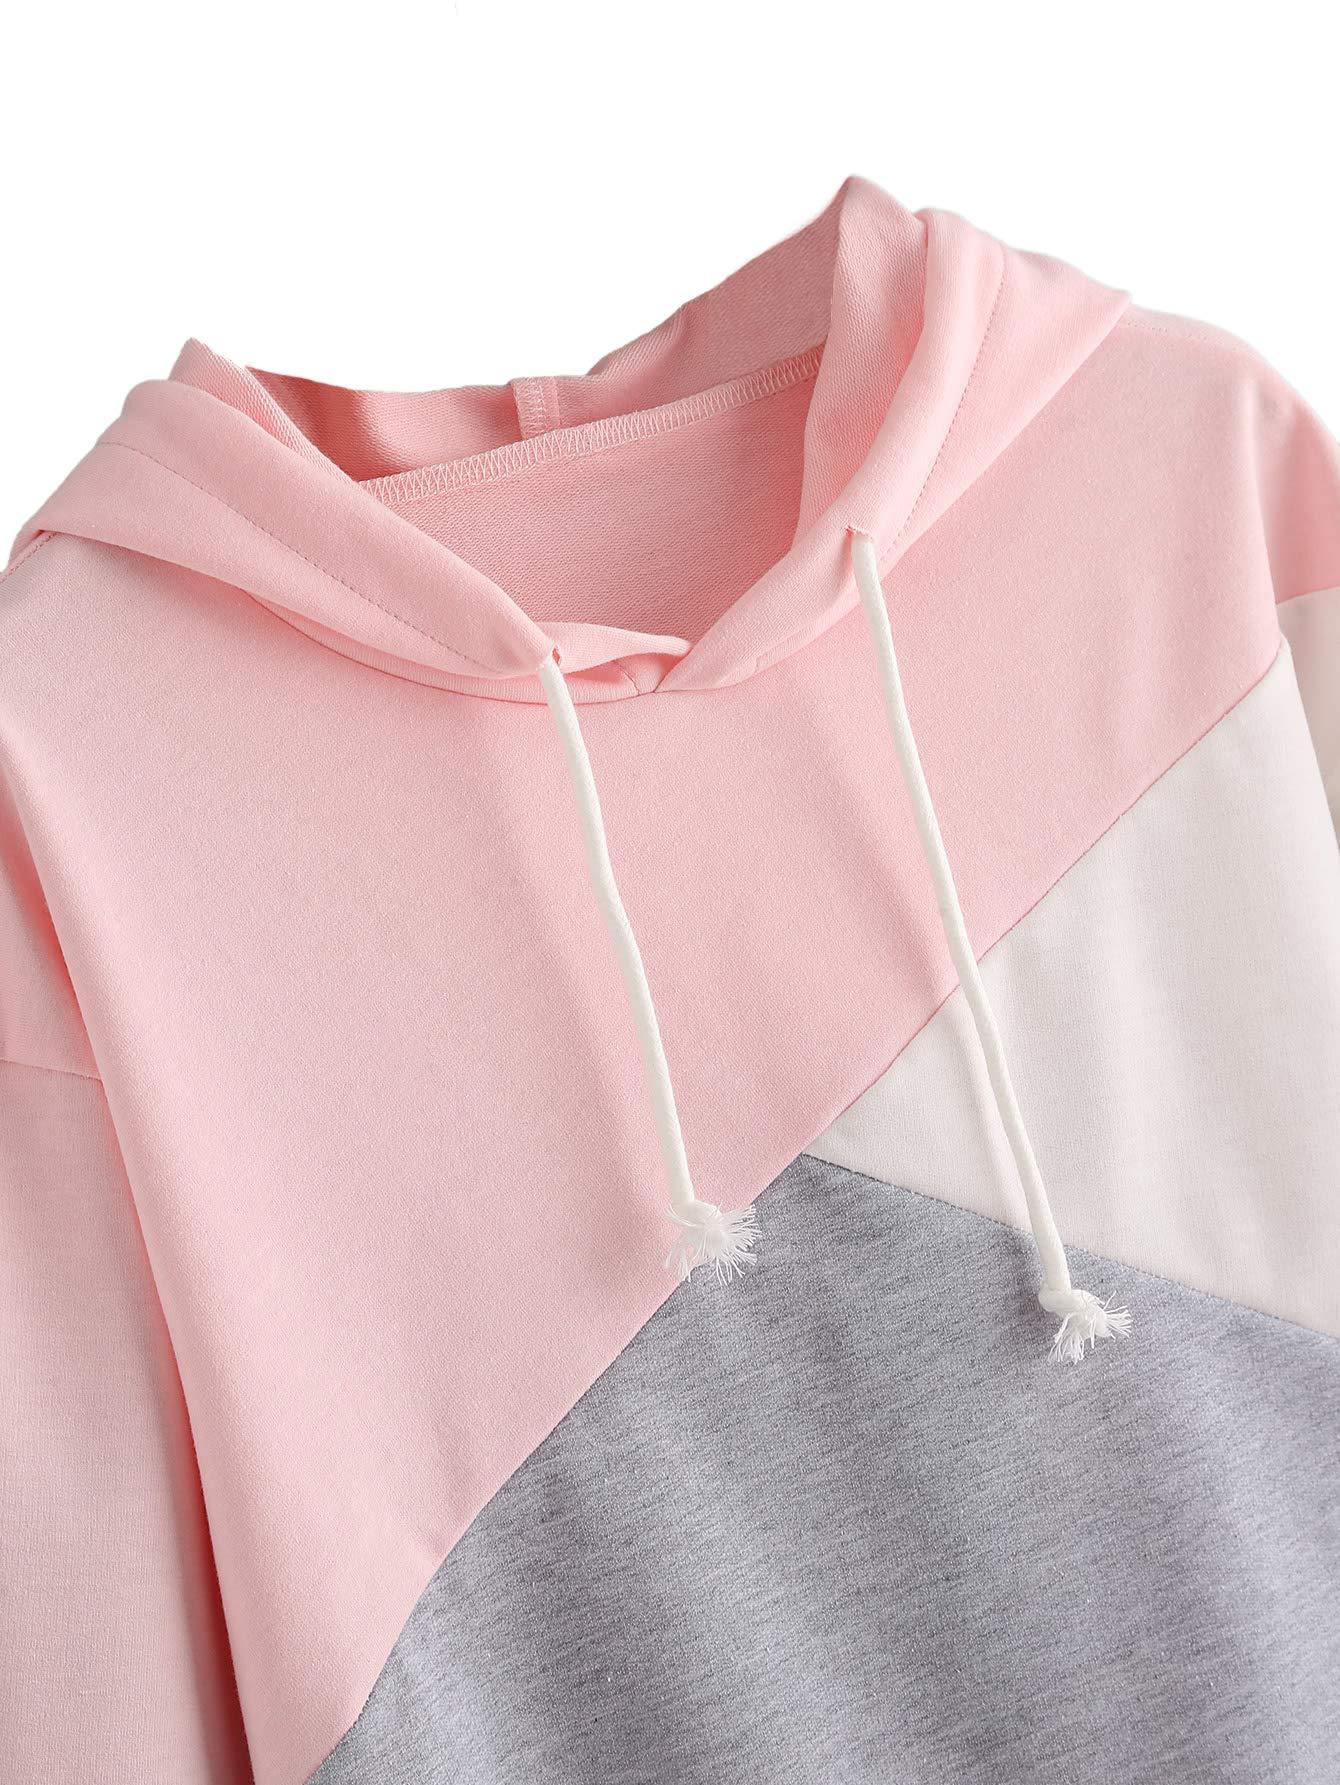 ROMWE Women's Cute Color Block Pullover Crop Top Hoodie Sweatshirt